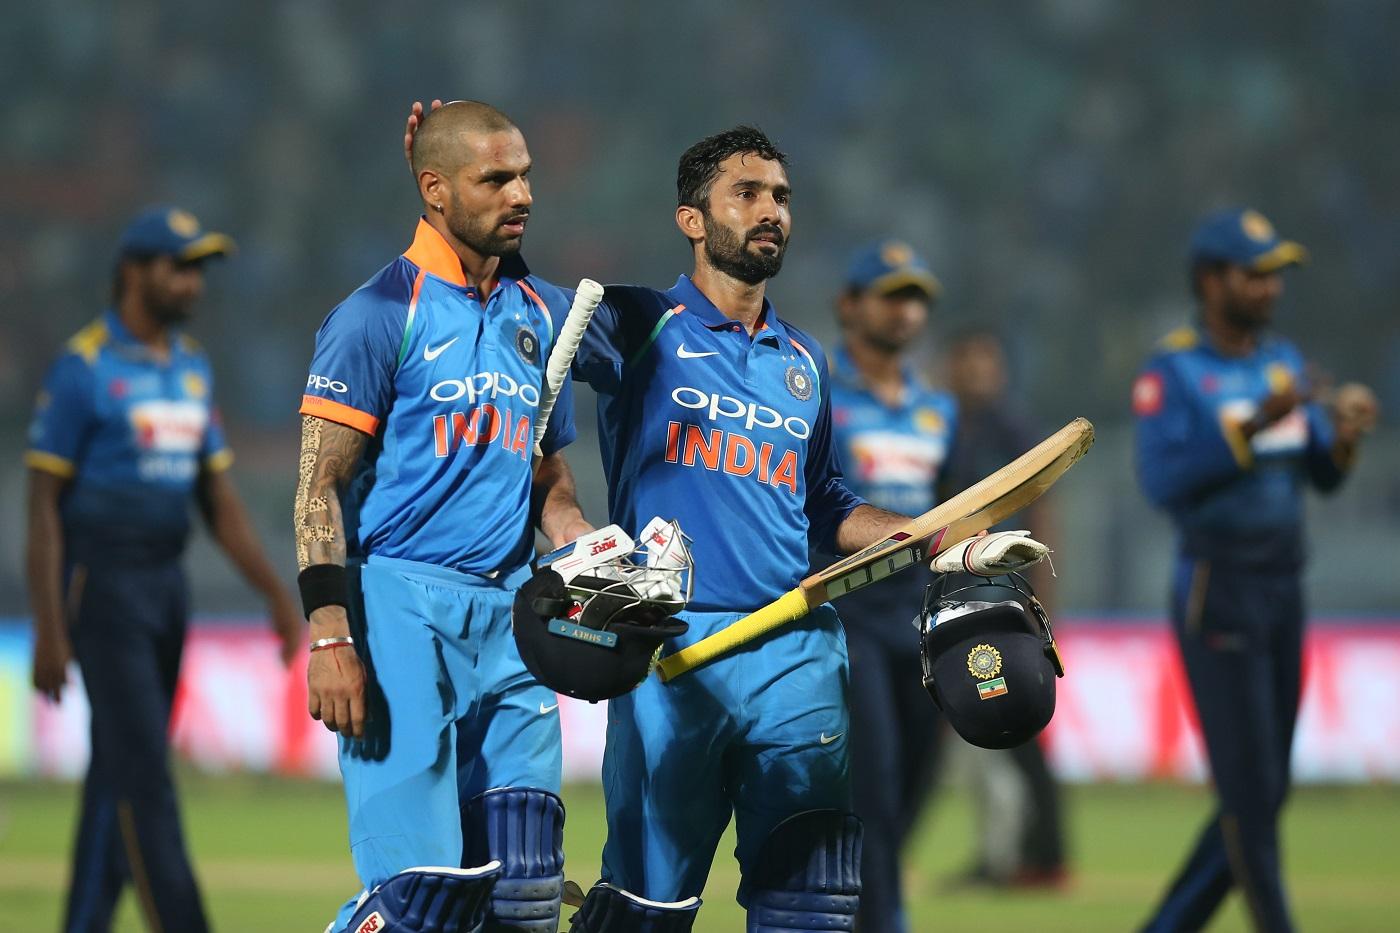 Shikhar Dhawan of India and Dinesh Karthik of India celebrates win